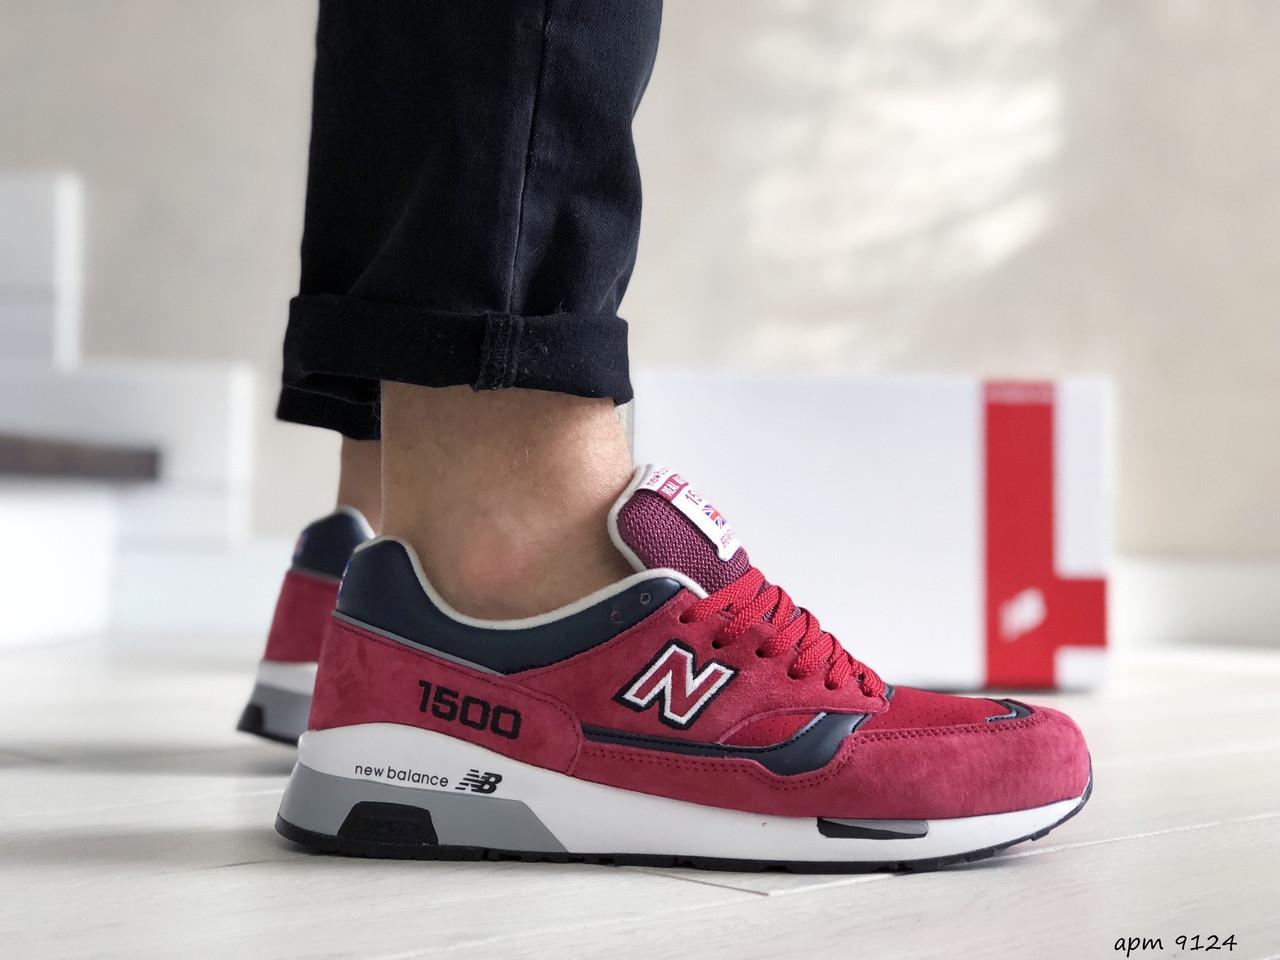 Мужские кроссовки New Balance 1500 ВЕЛИКОБРИТАНИЯ (красные) 9124